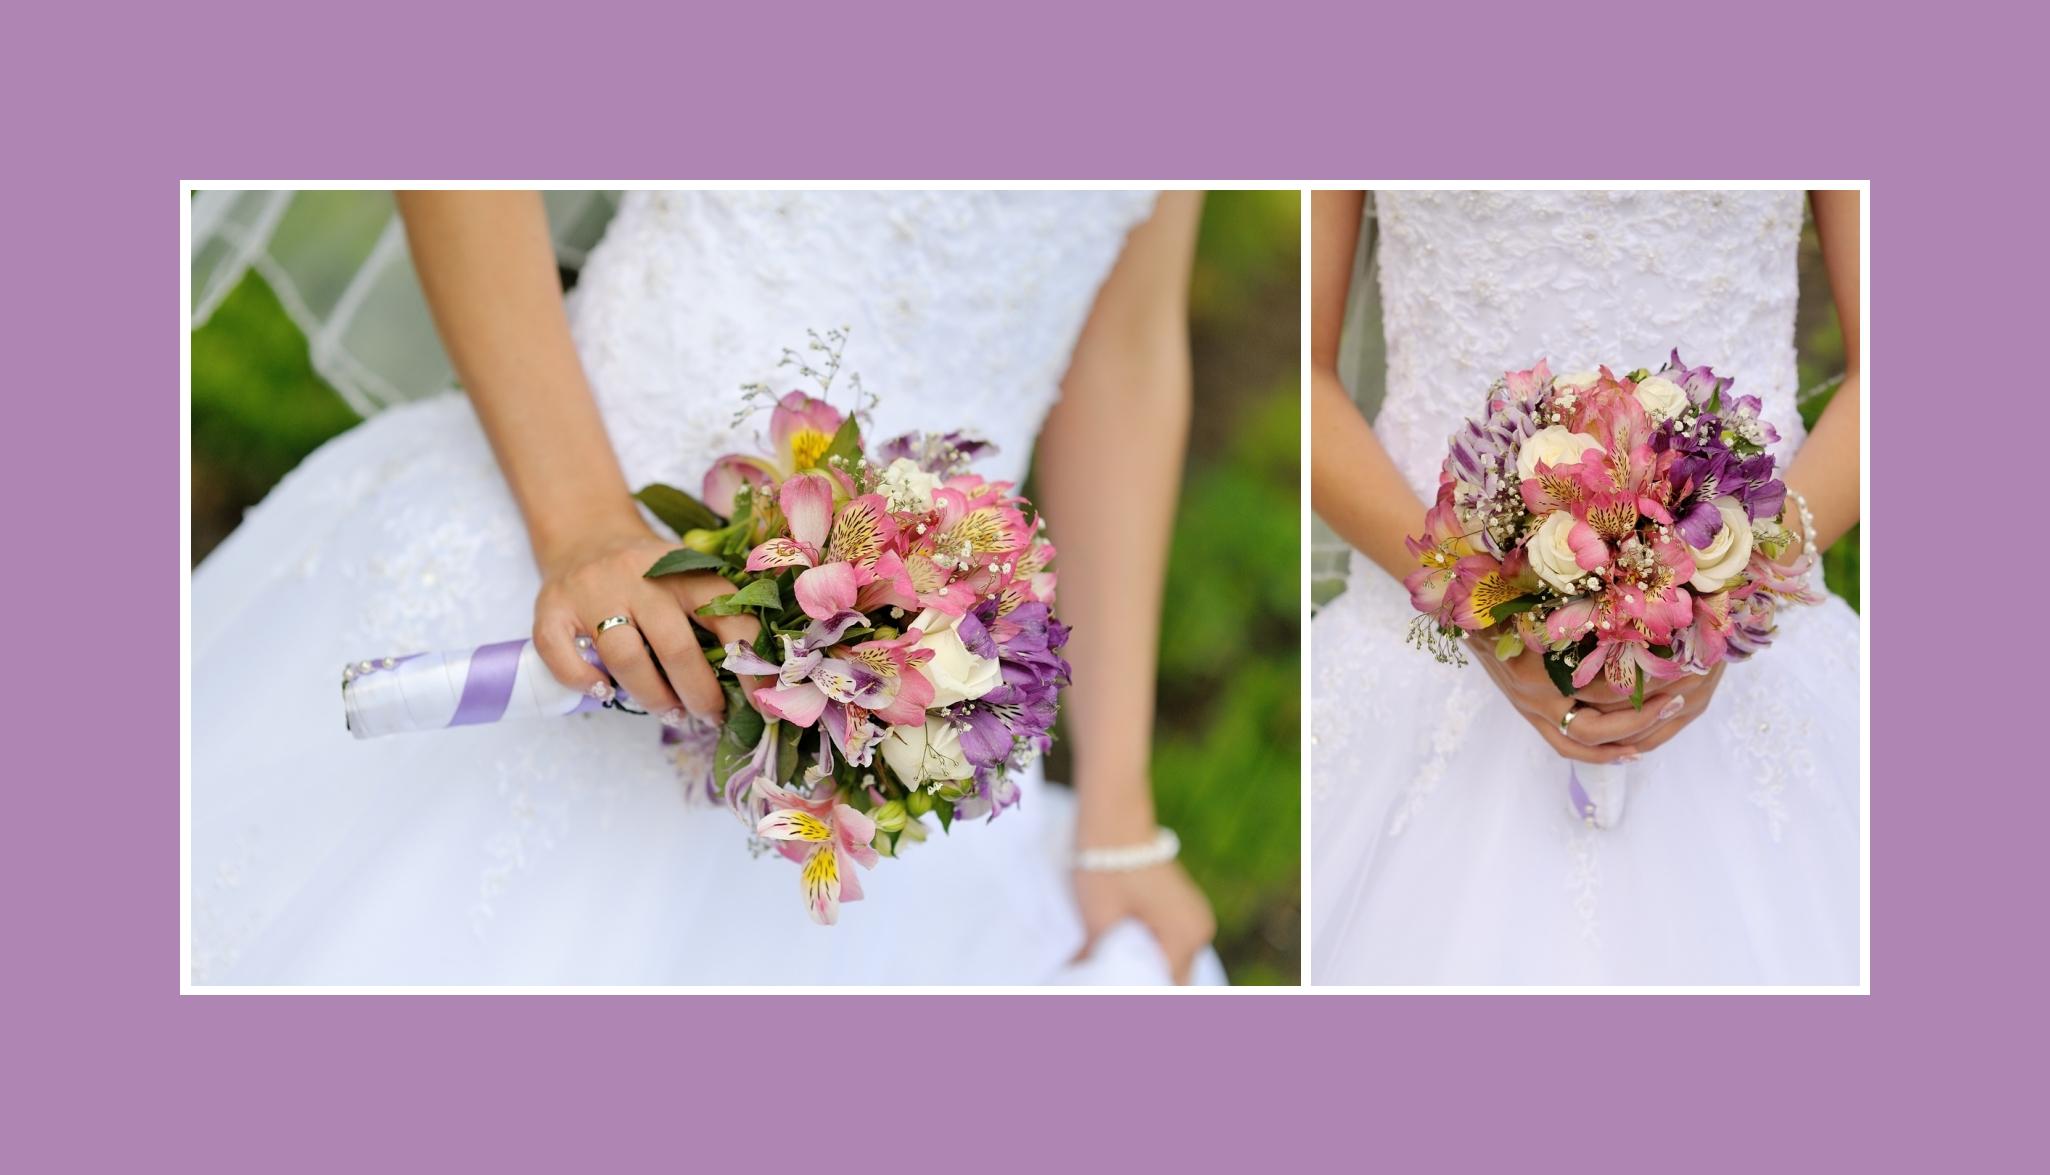 Brautstrauß mit rosa und lila Inkalilien, weißen Rosen